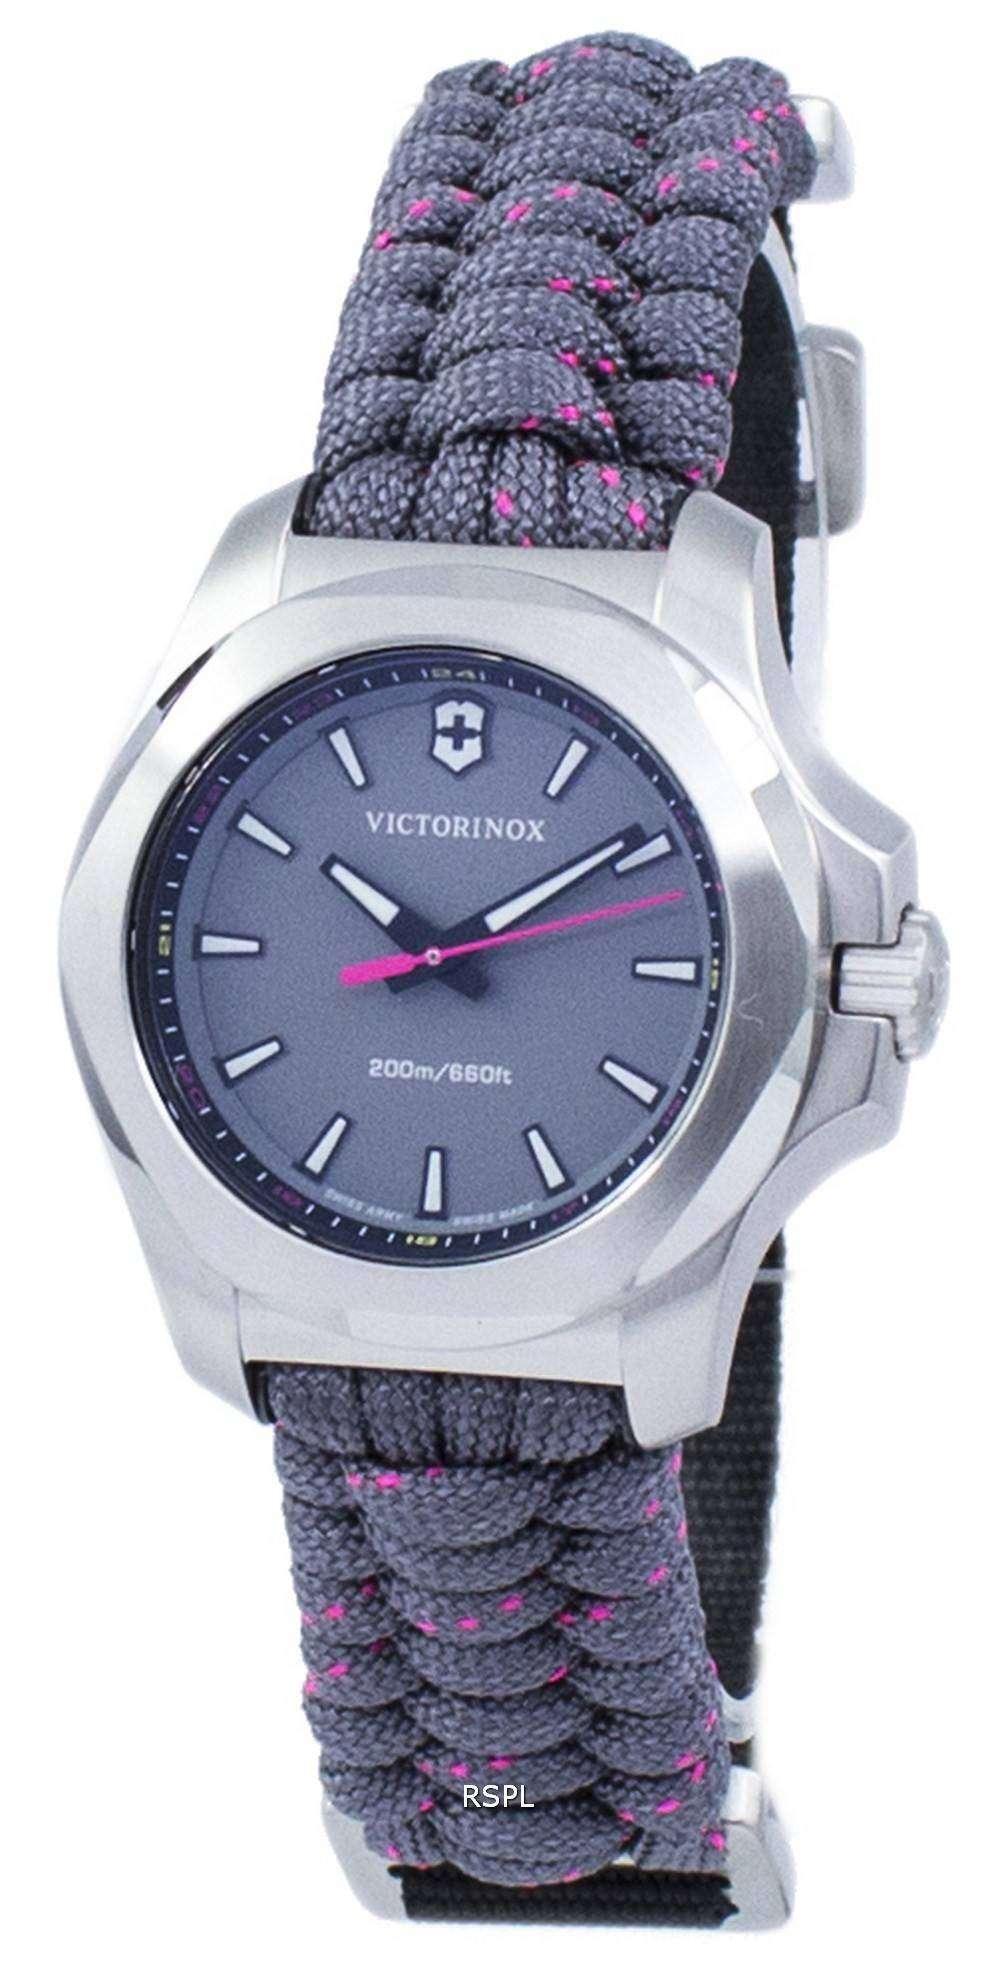 ビクトリノックス I.N.O.X. V スイス軍クォーツ 200 M 241771 女性の腕時計